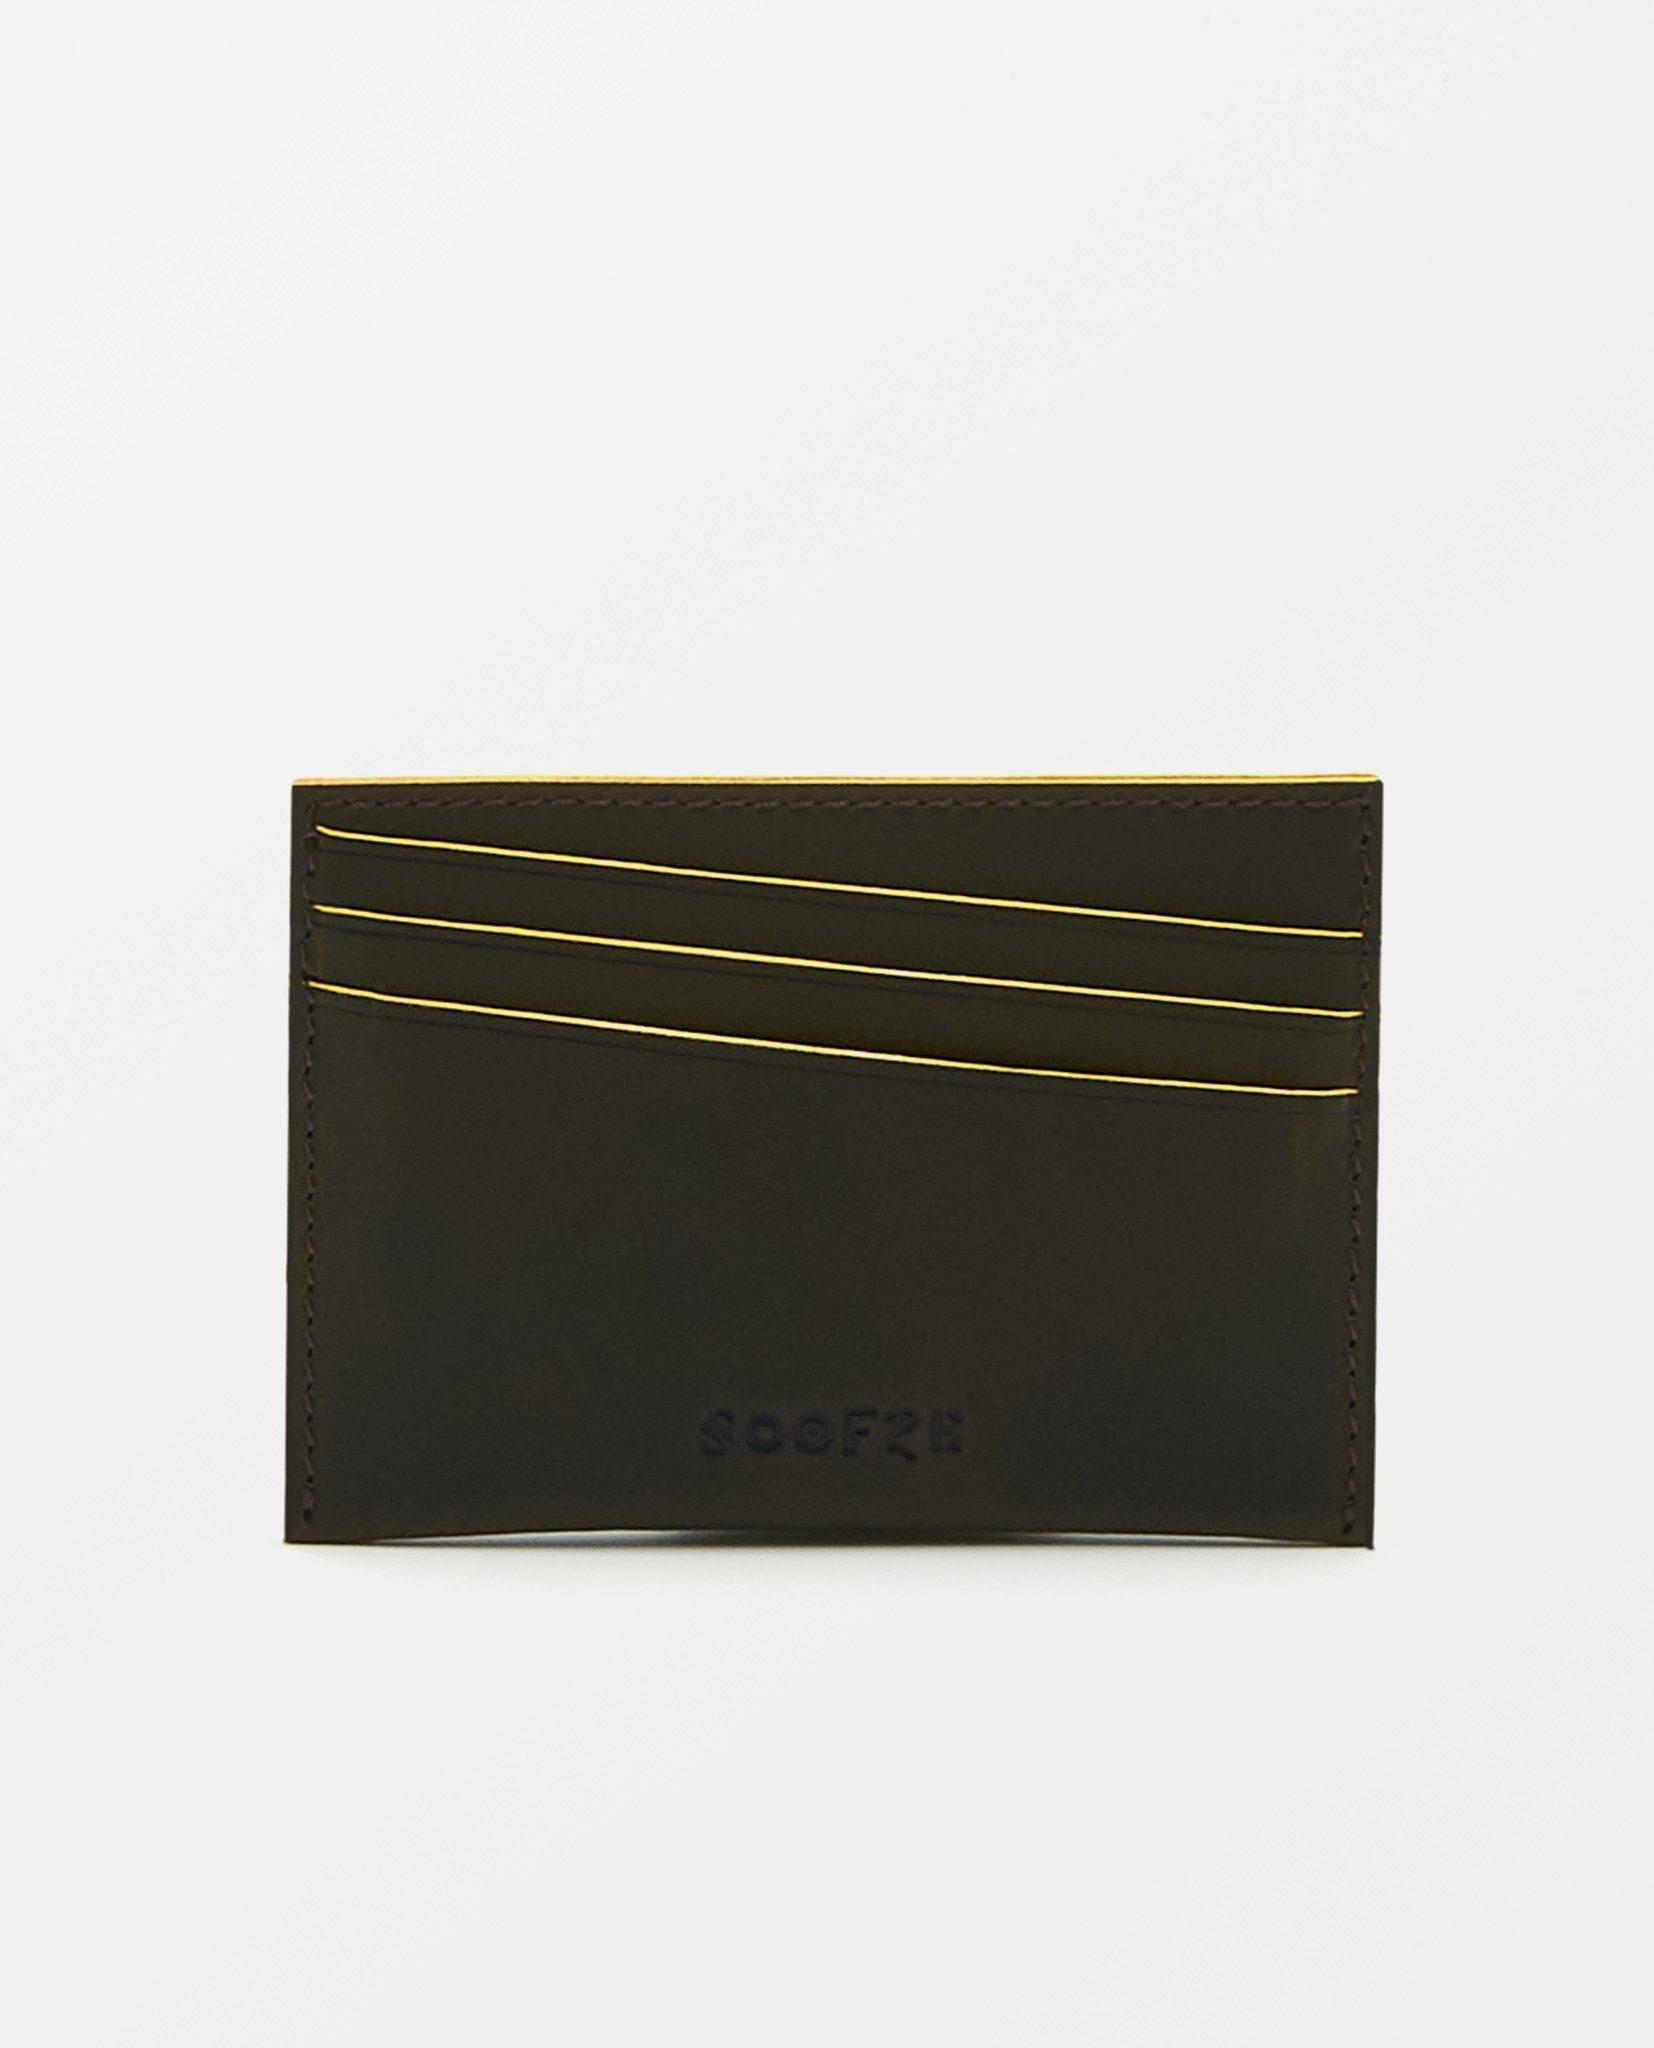 Soofre_Card-Holder_Dark-Brown-Yellow_3